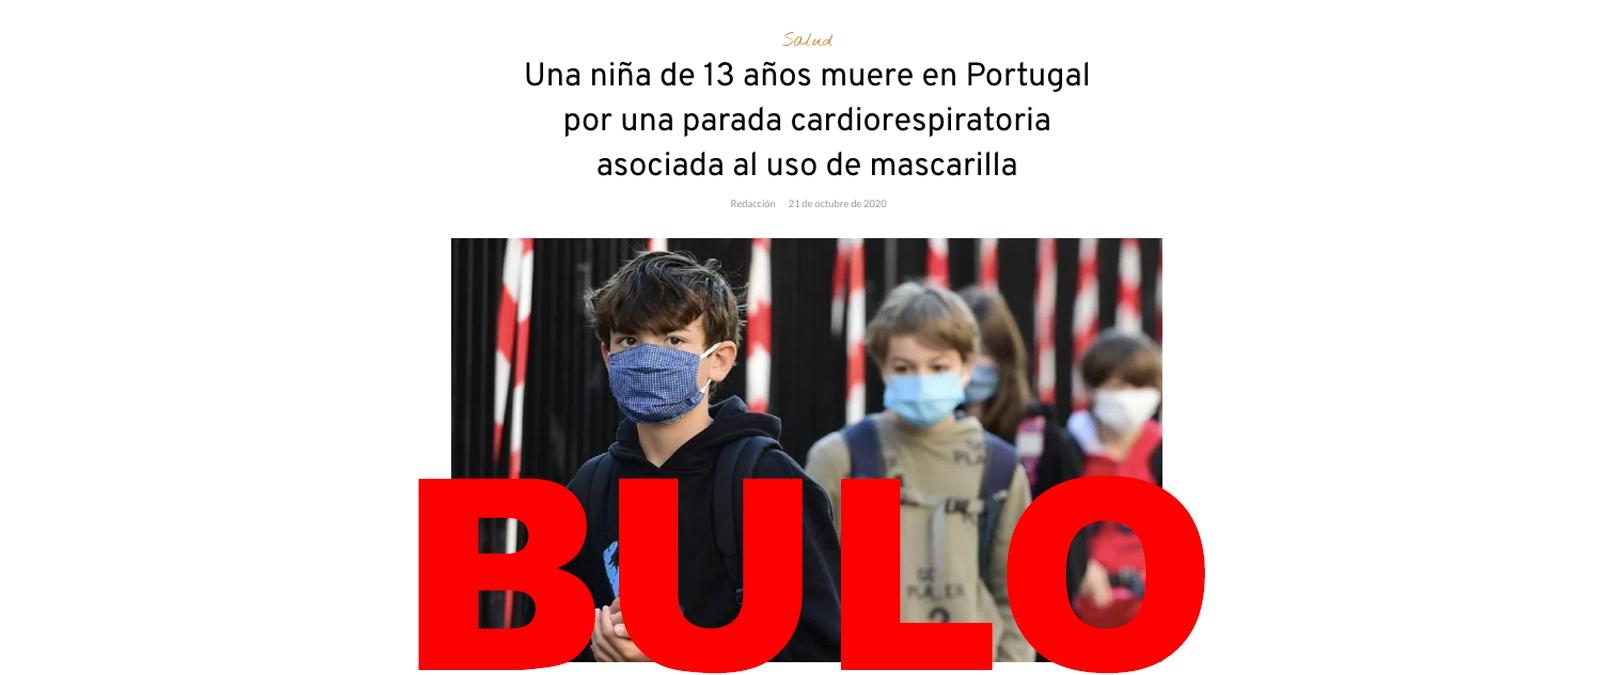 No, no ha muerto una niña de 13 años en Portugal por una parada cardiorrespiratoria «asociada al uso de la mascarilla»